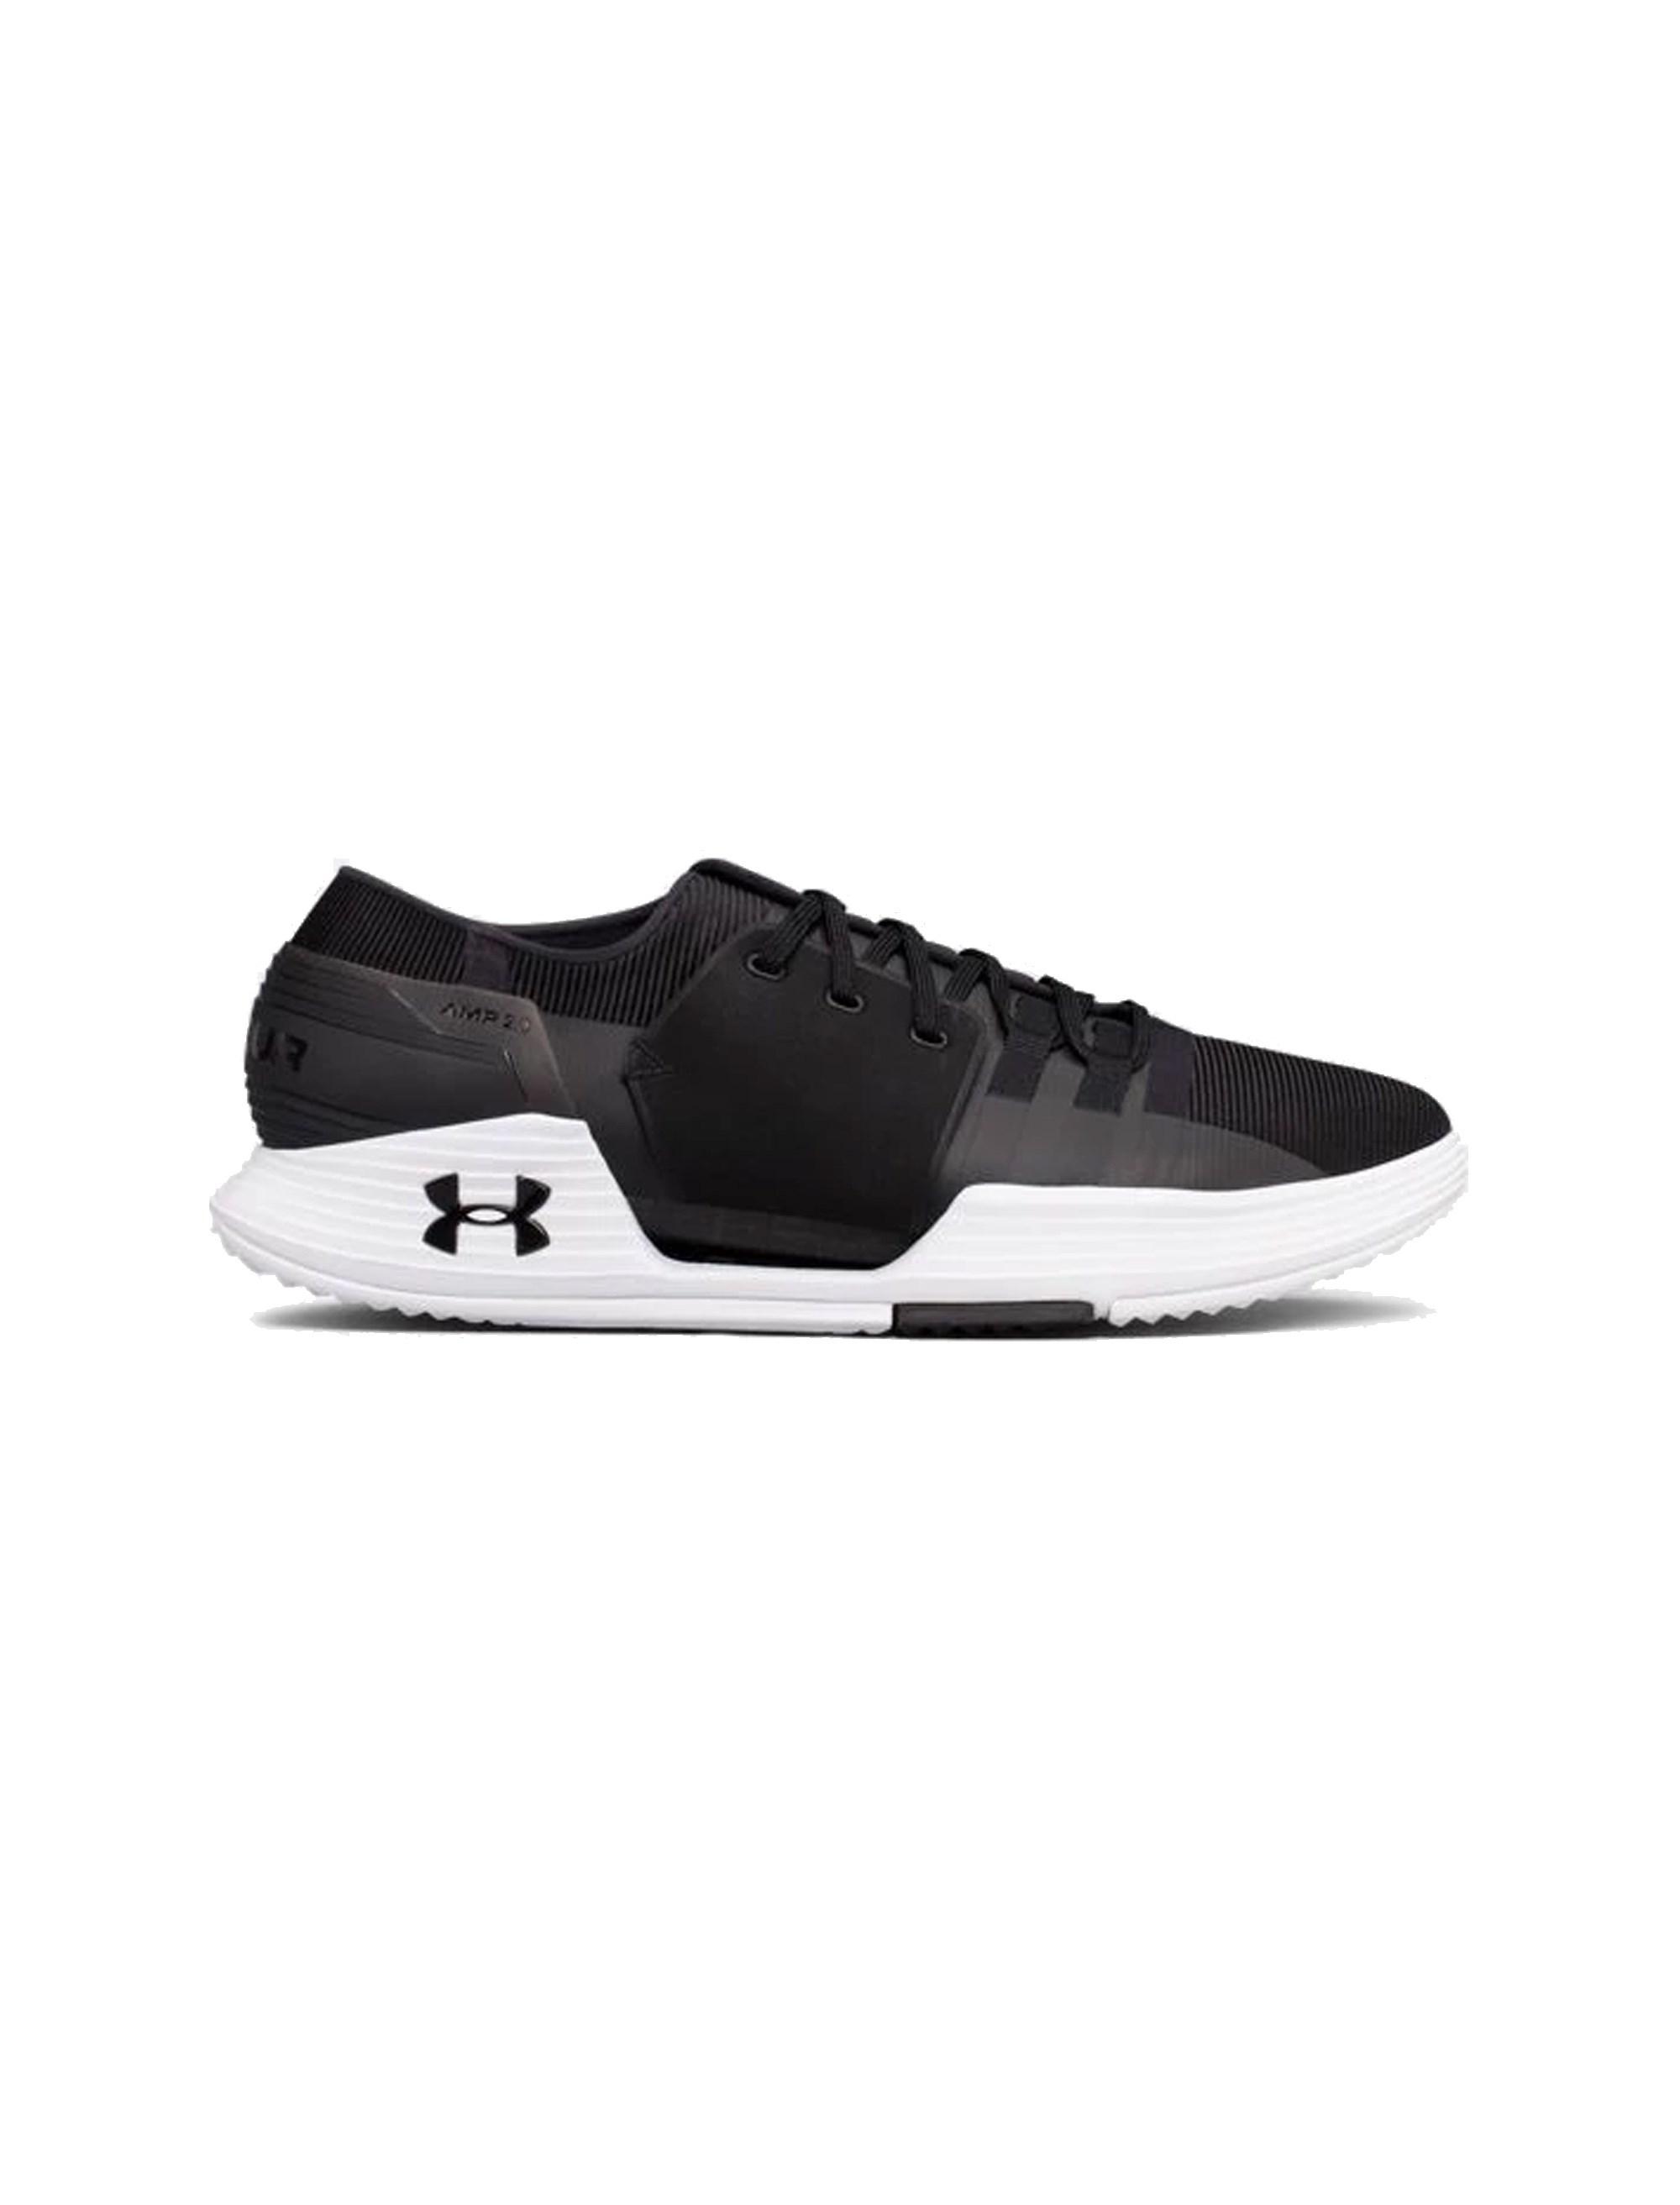 کفش تمرین بندی مردانه SpeedForm AMP 2 - مشکي - 1